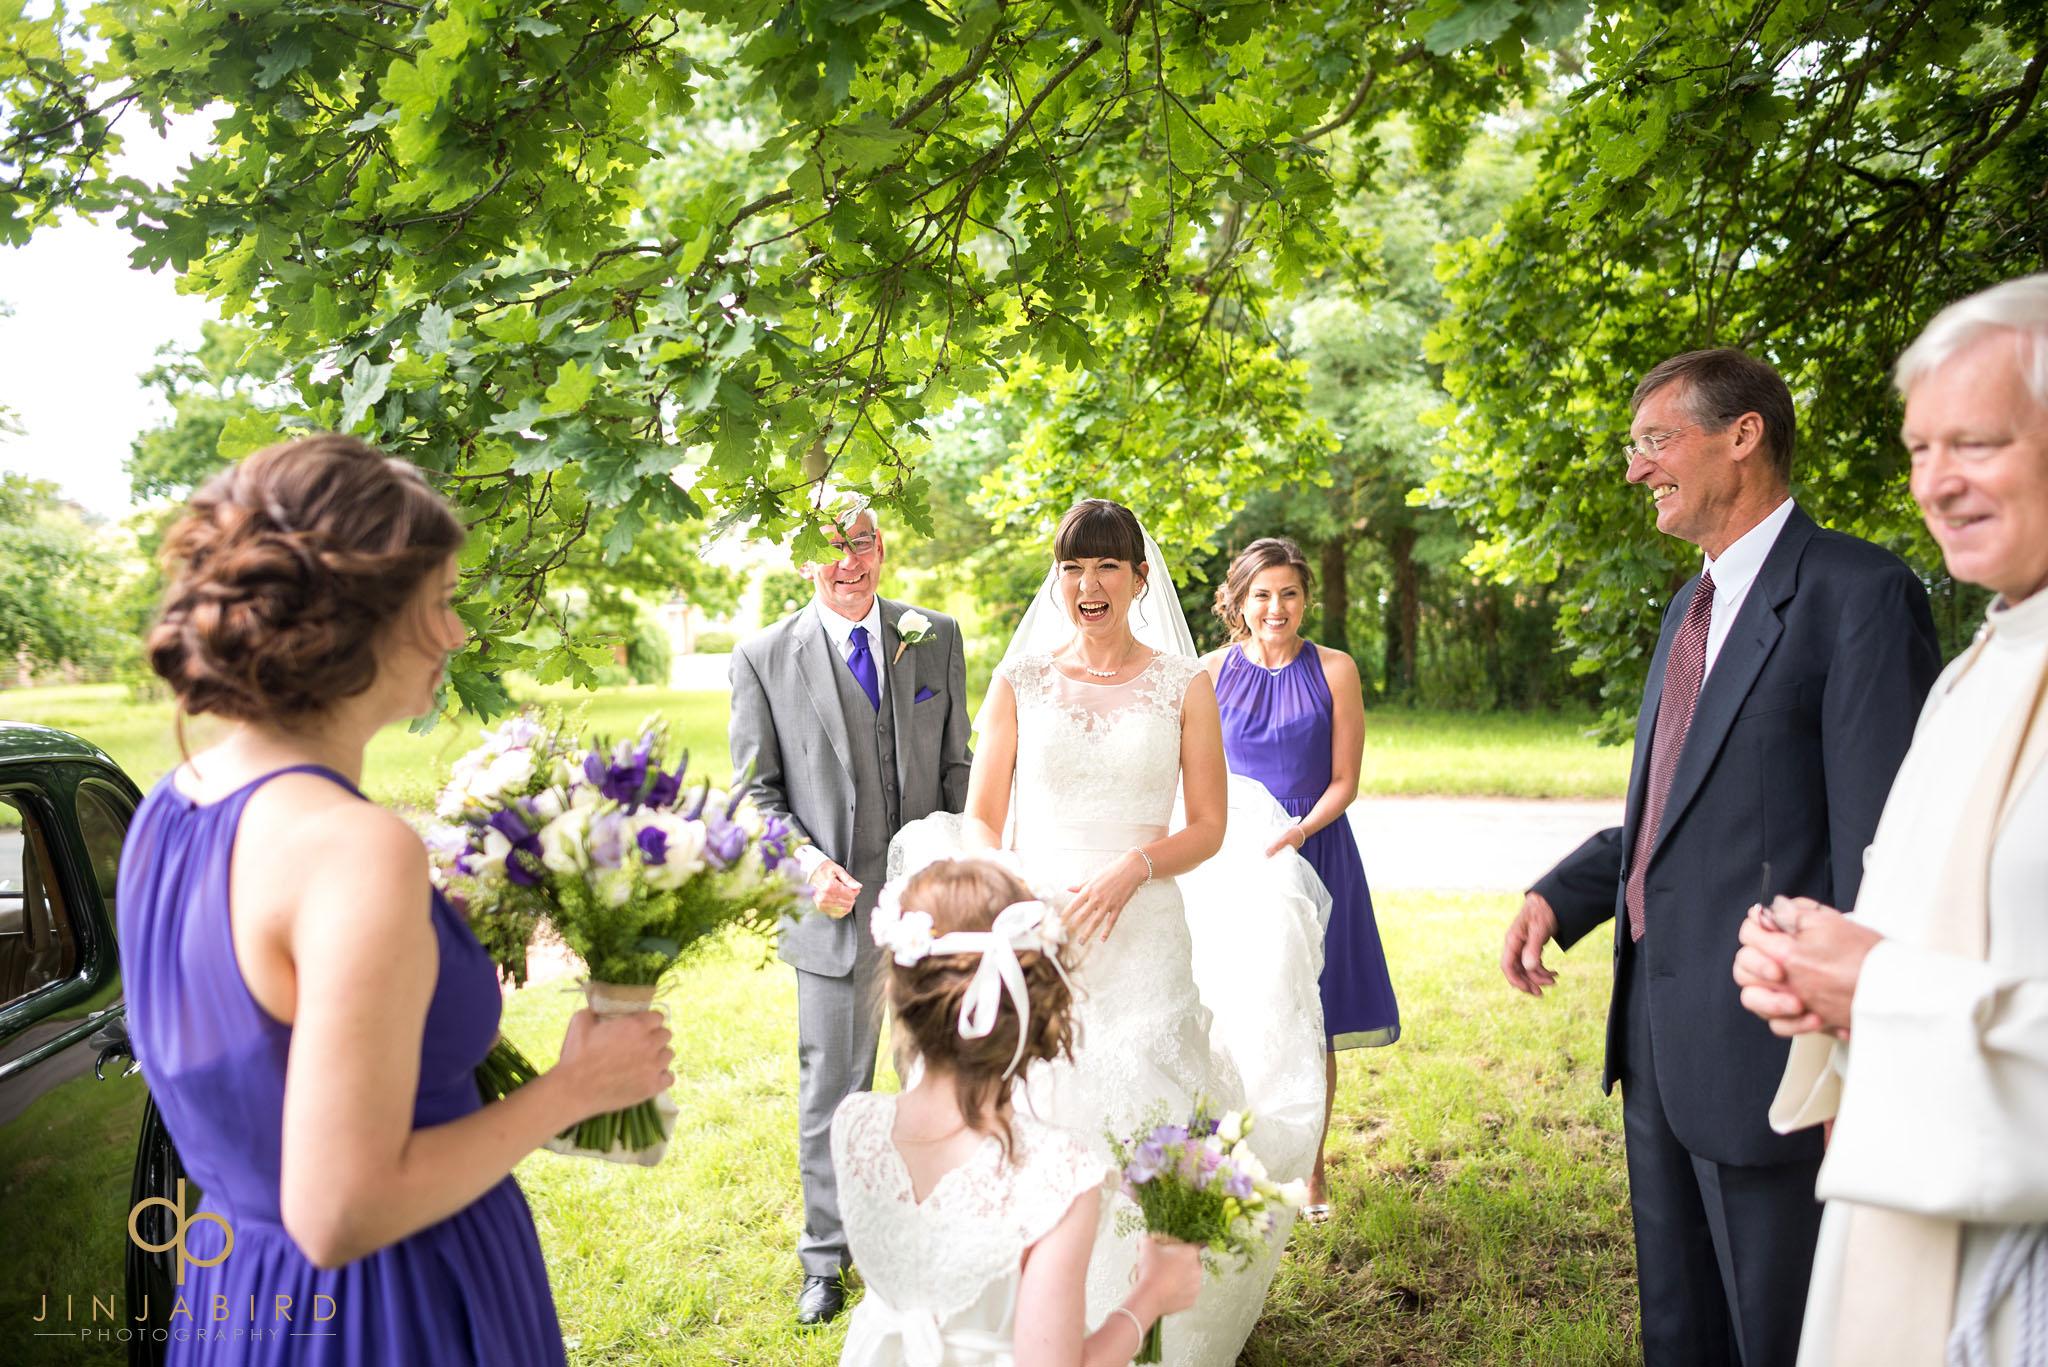 wedding photograph st-mary magdalene church hilton